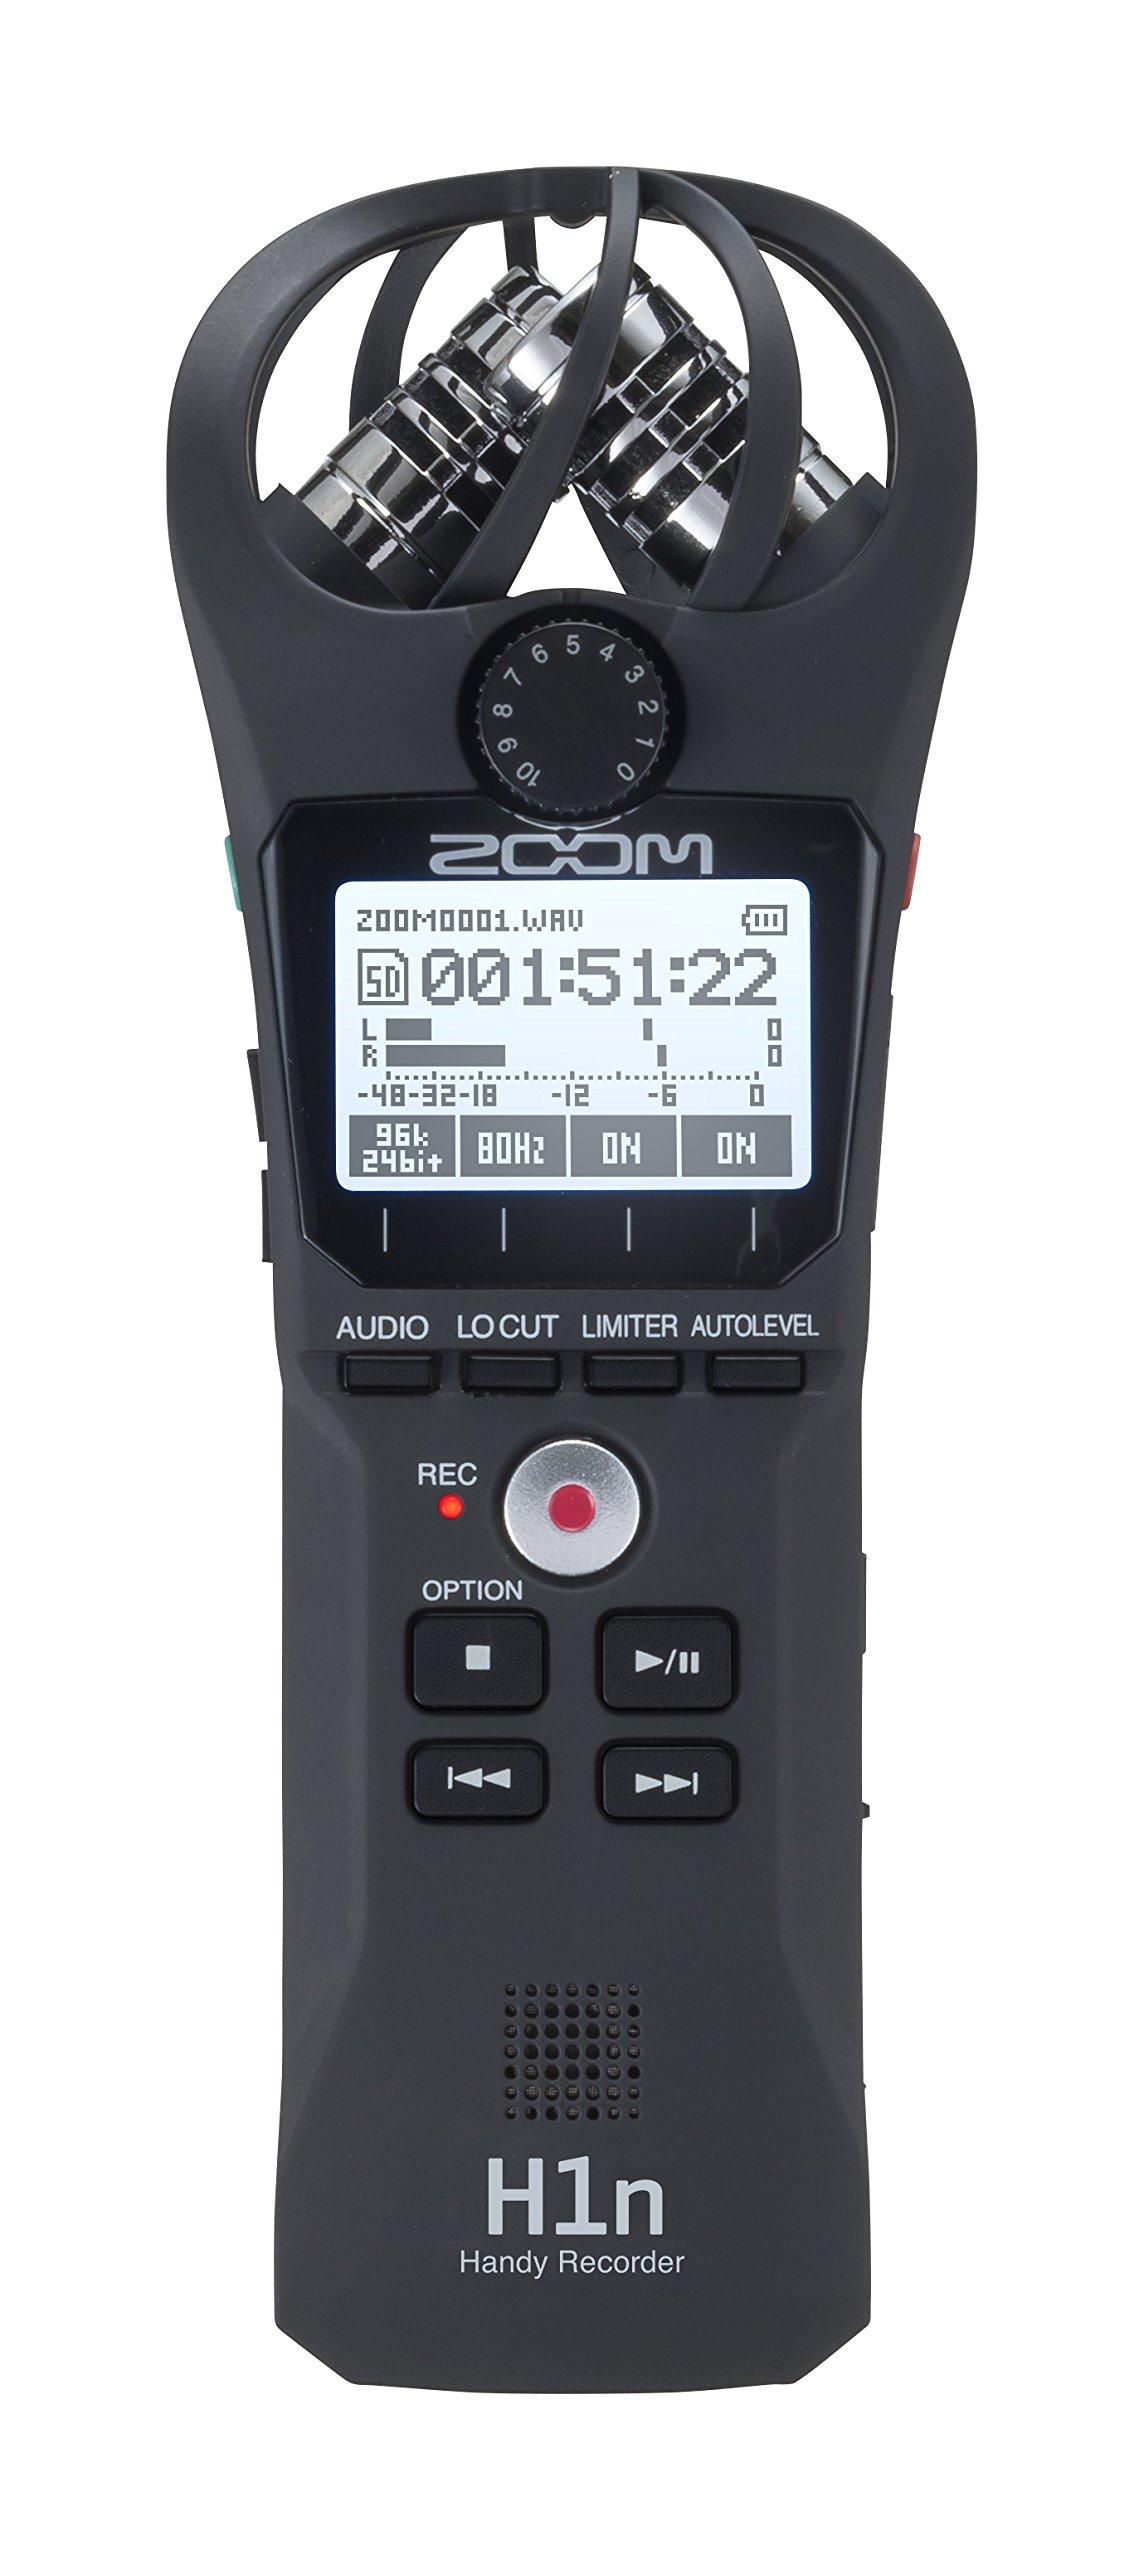 Zoom H1n Handy Recorder (2018 Model) by Zoom